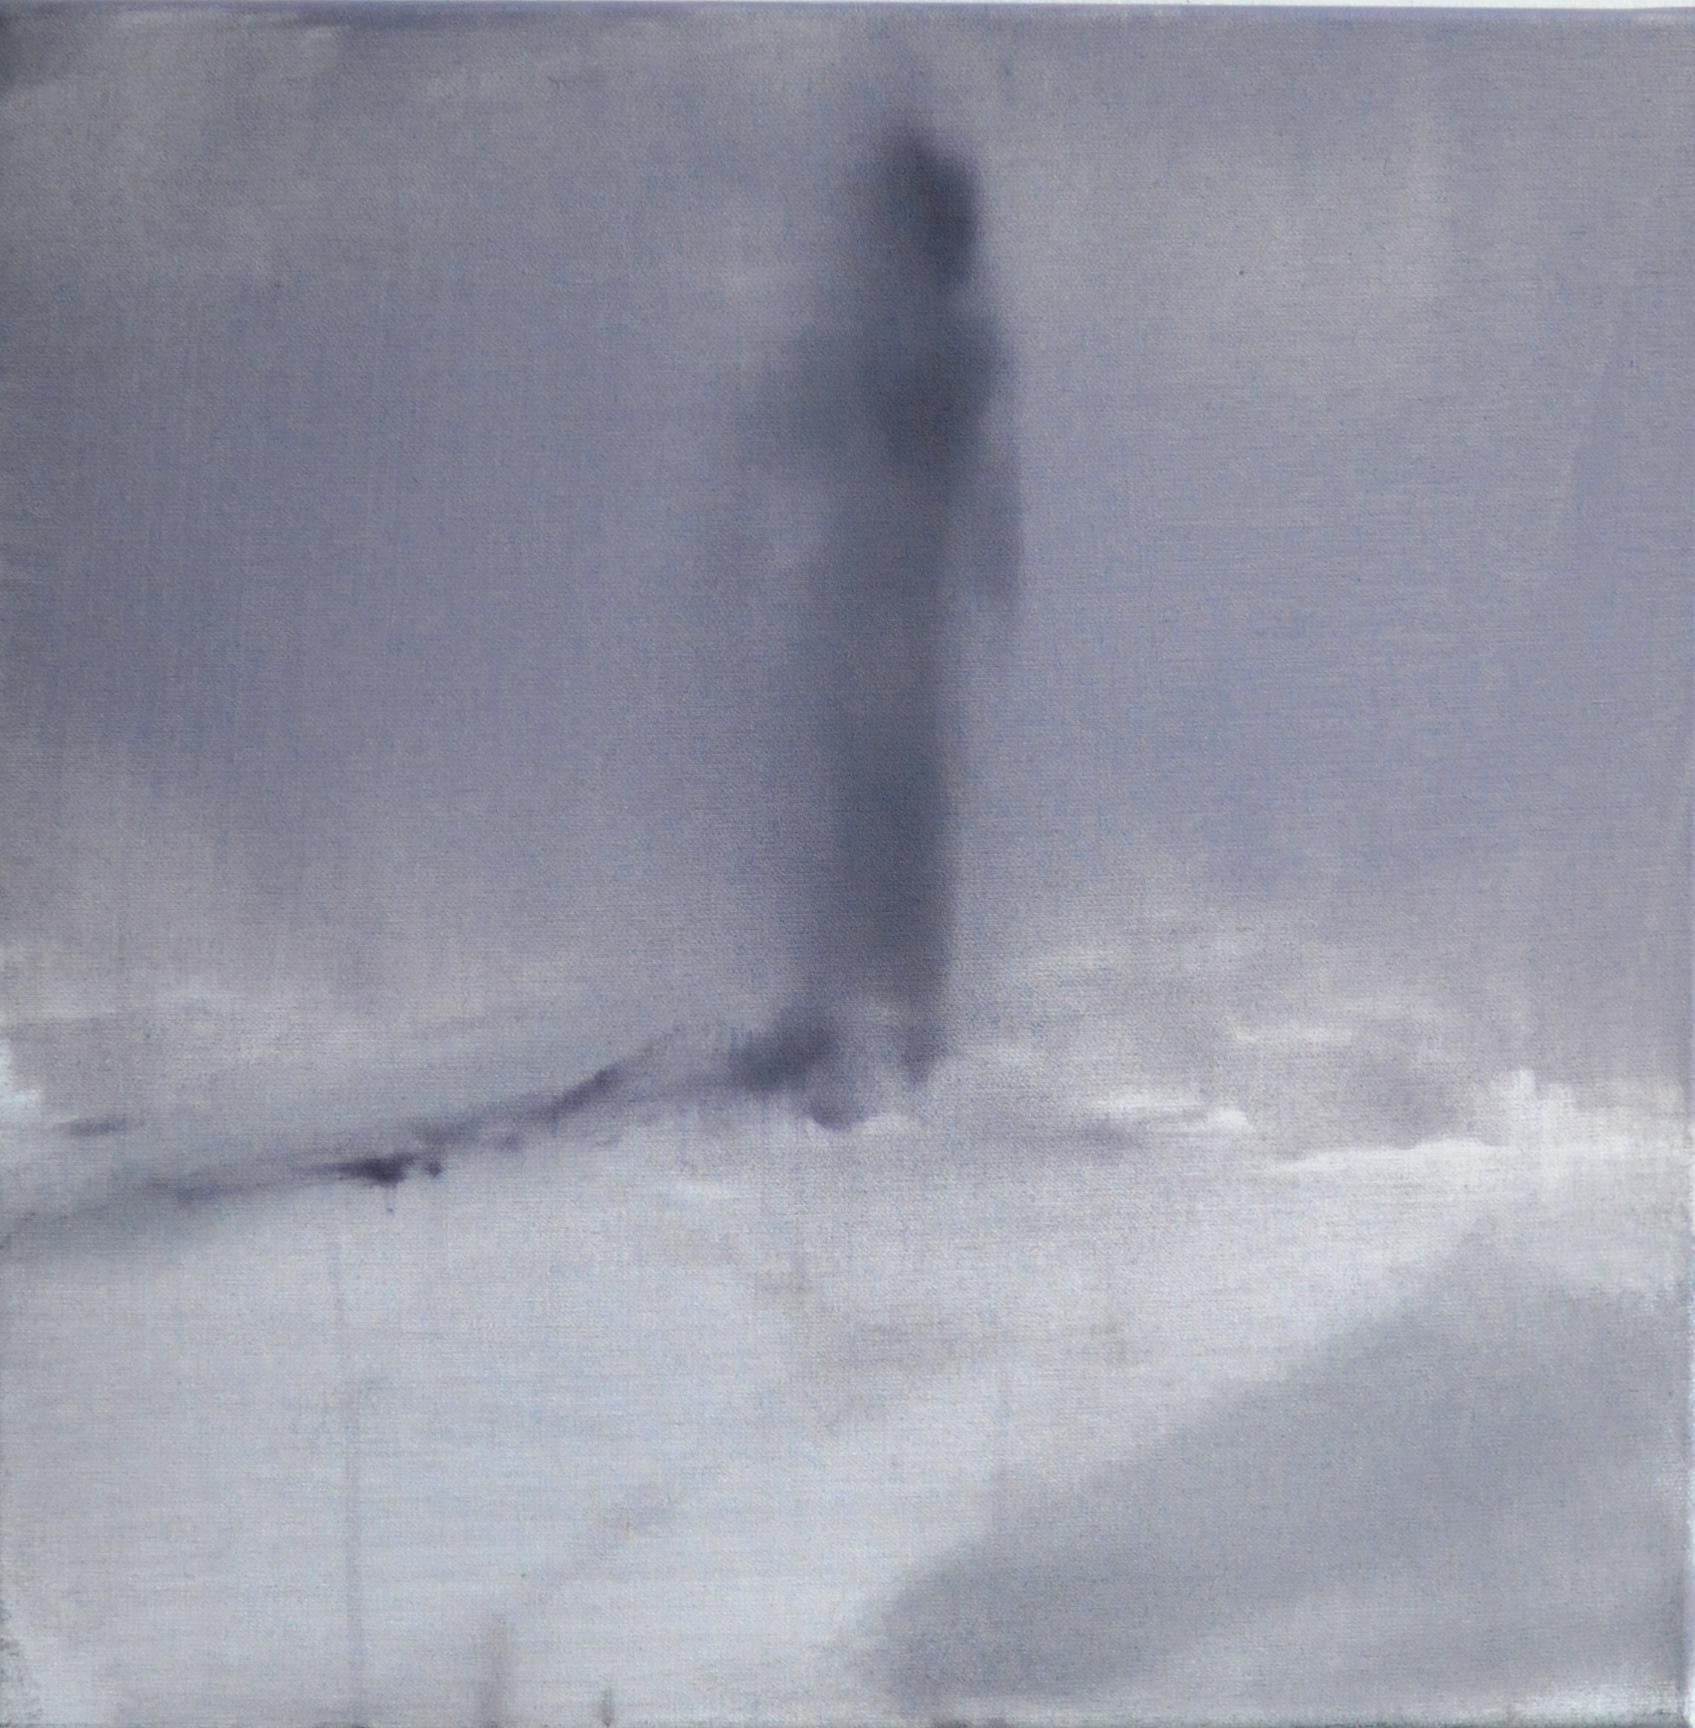 a_shadow_2014